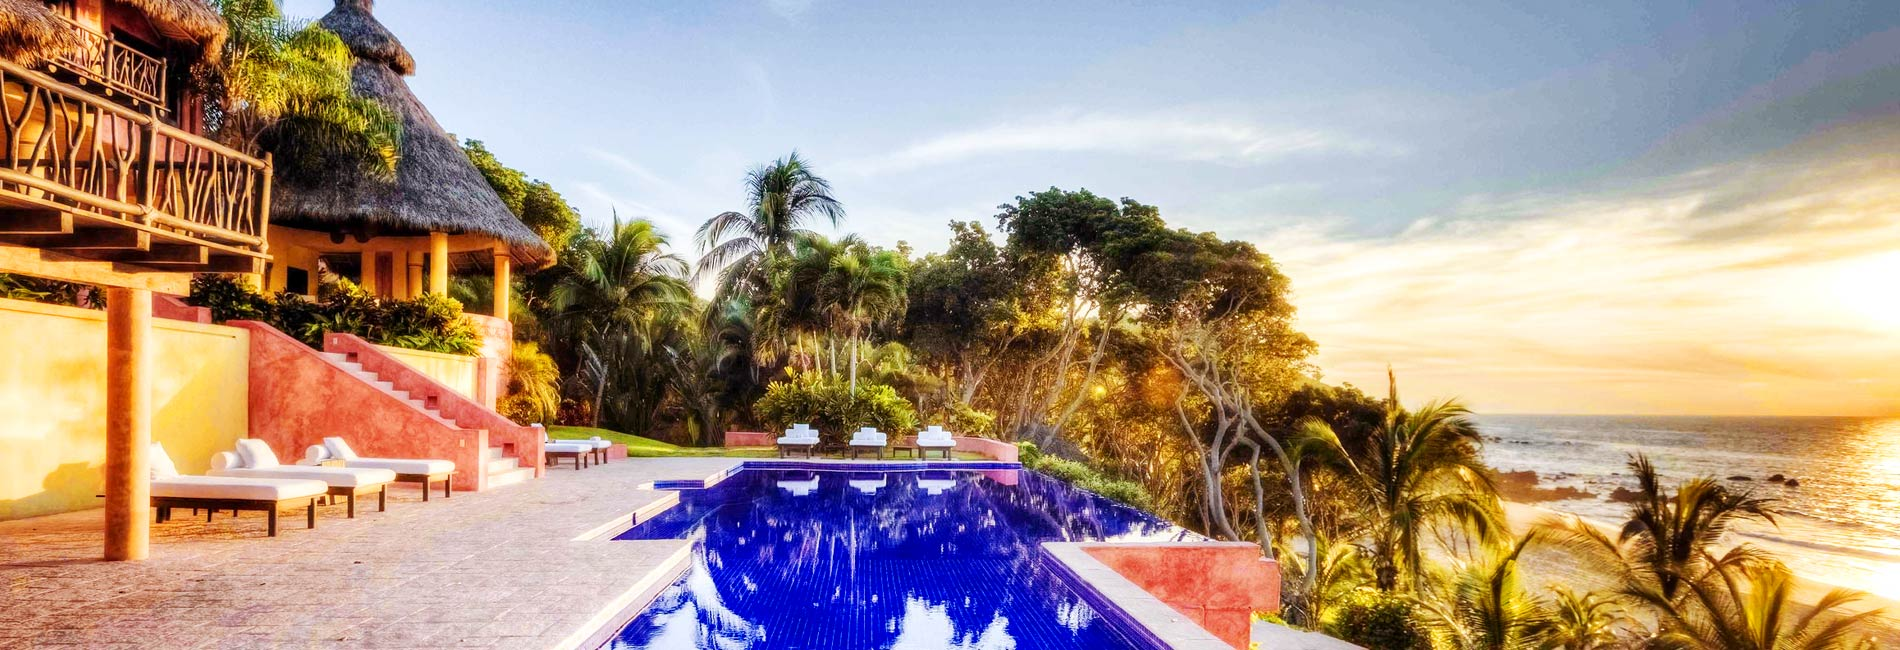 sayulita villa rentals